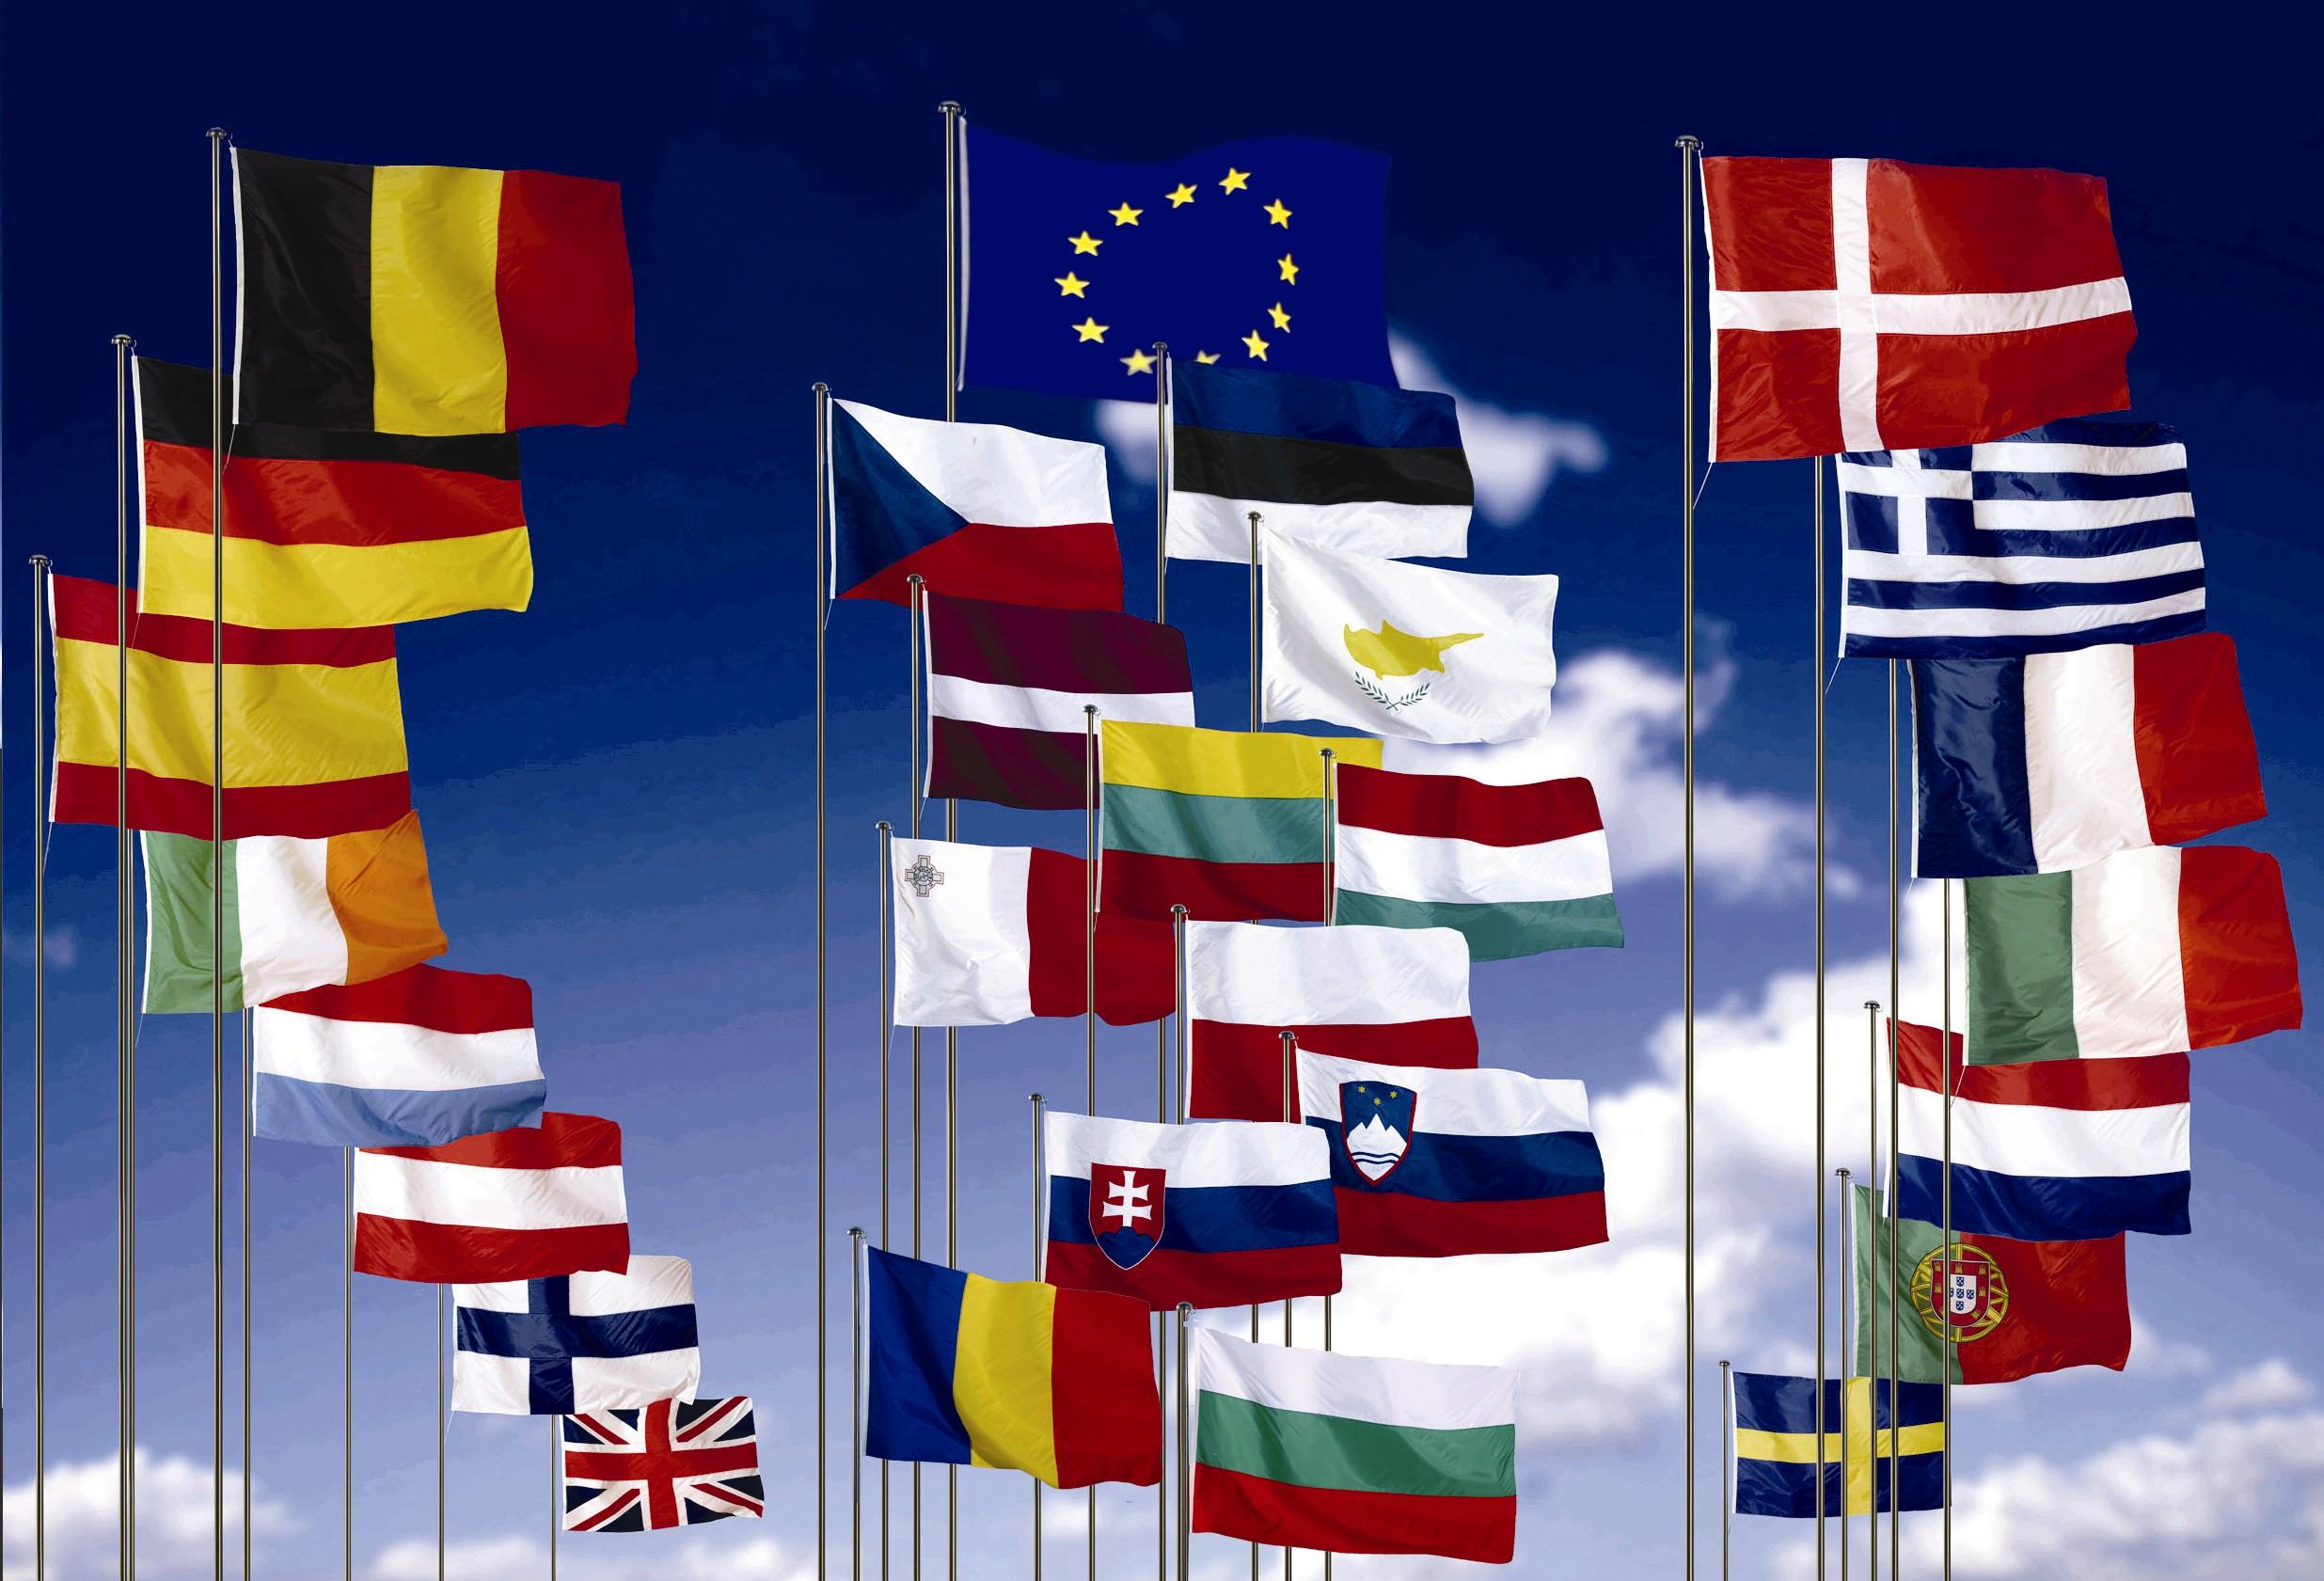 Տնտեսական կայունության քարտեզ. որո՞նք են Եվրոպայի ամենակայուն տնտեսությունները